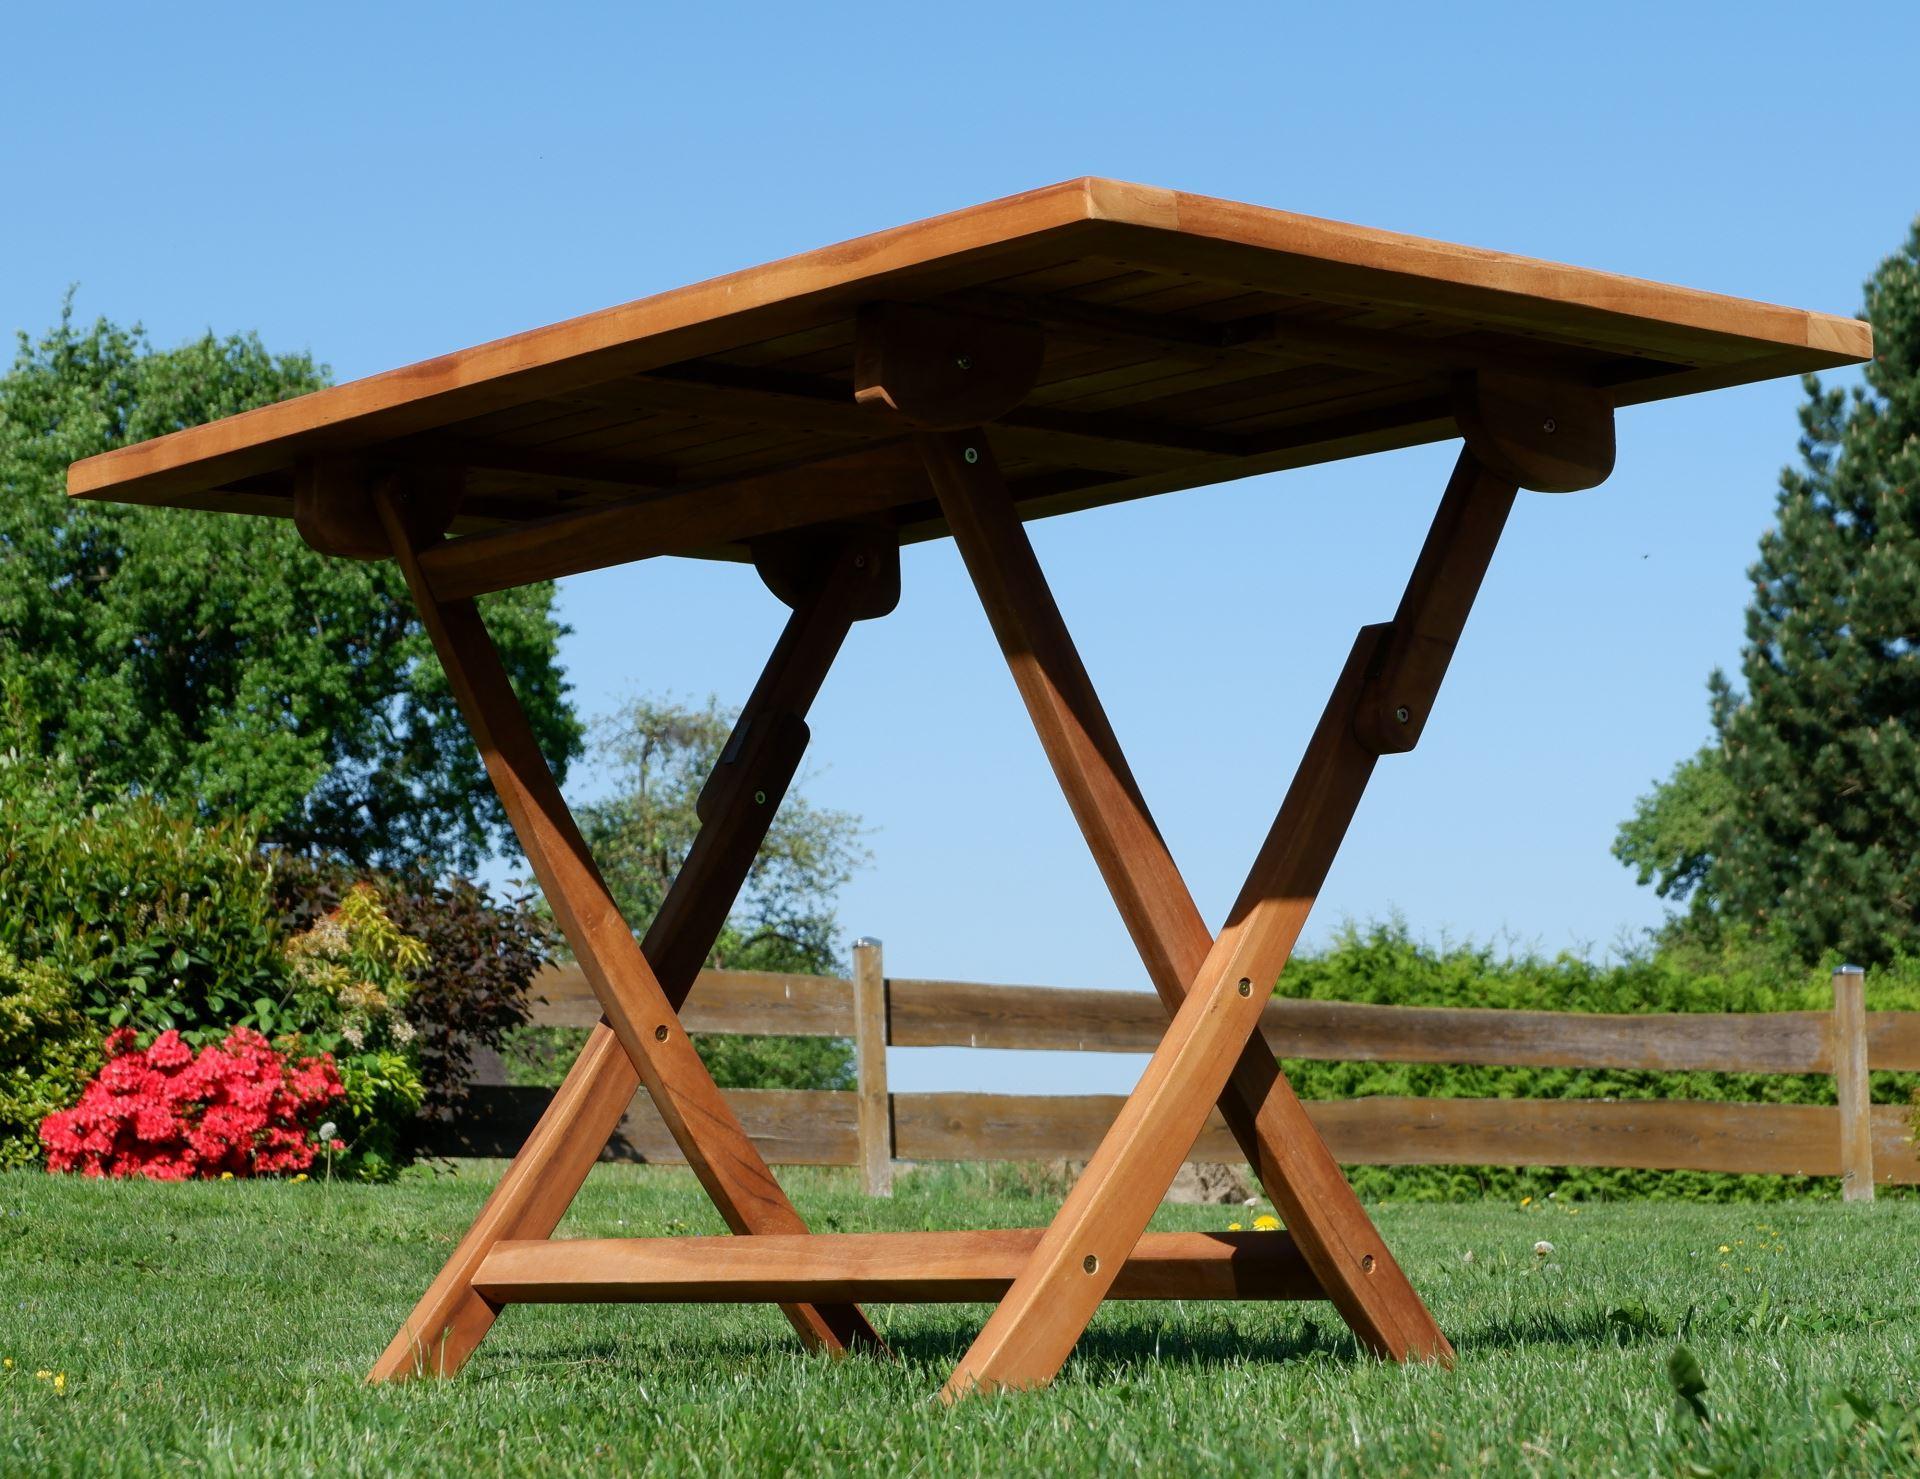 Teak Gartentisch Klappbar 120x70cm Jav Aves Alles Fur Garten Und